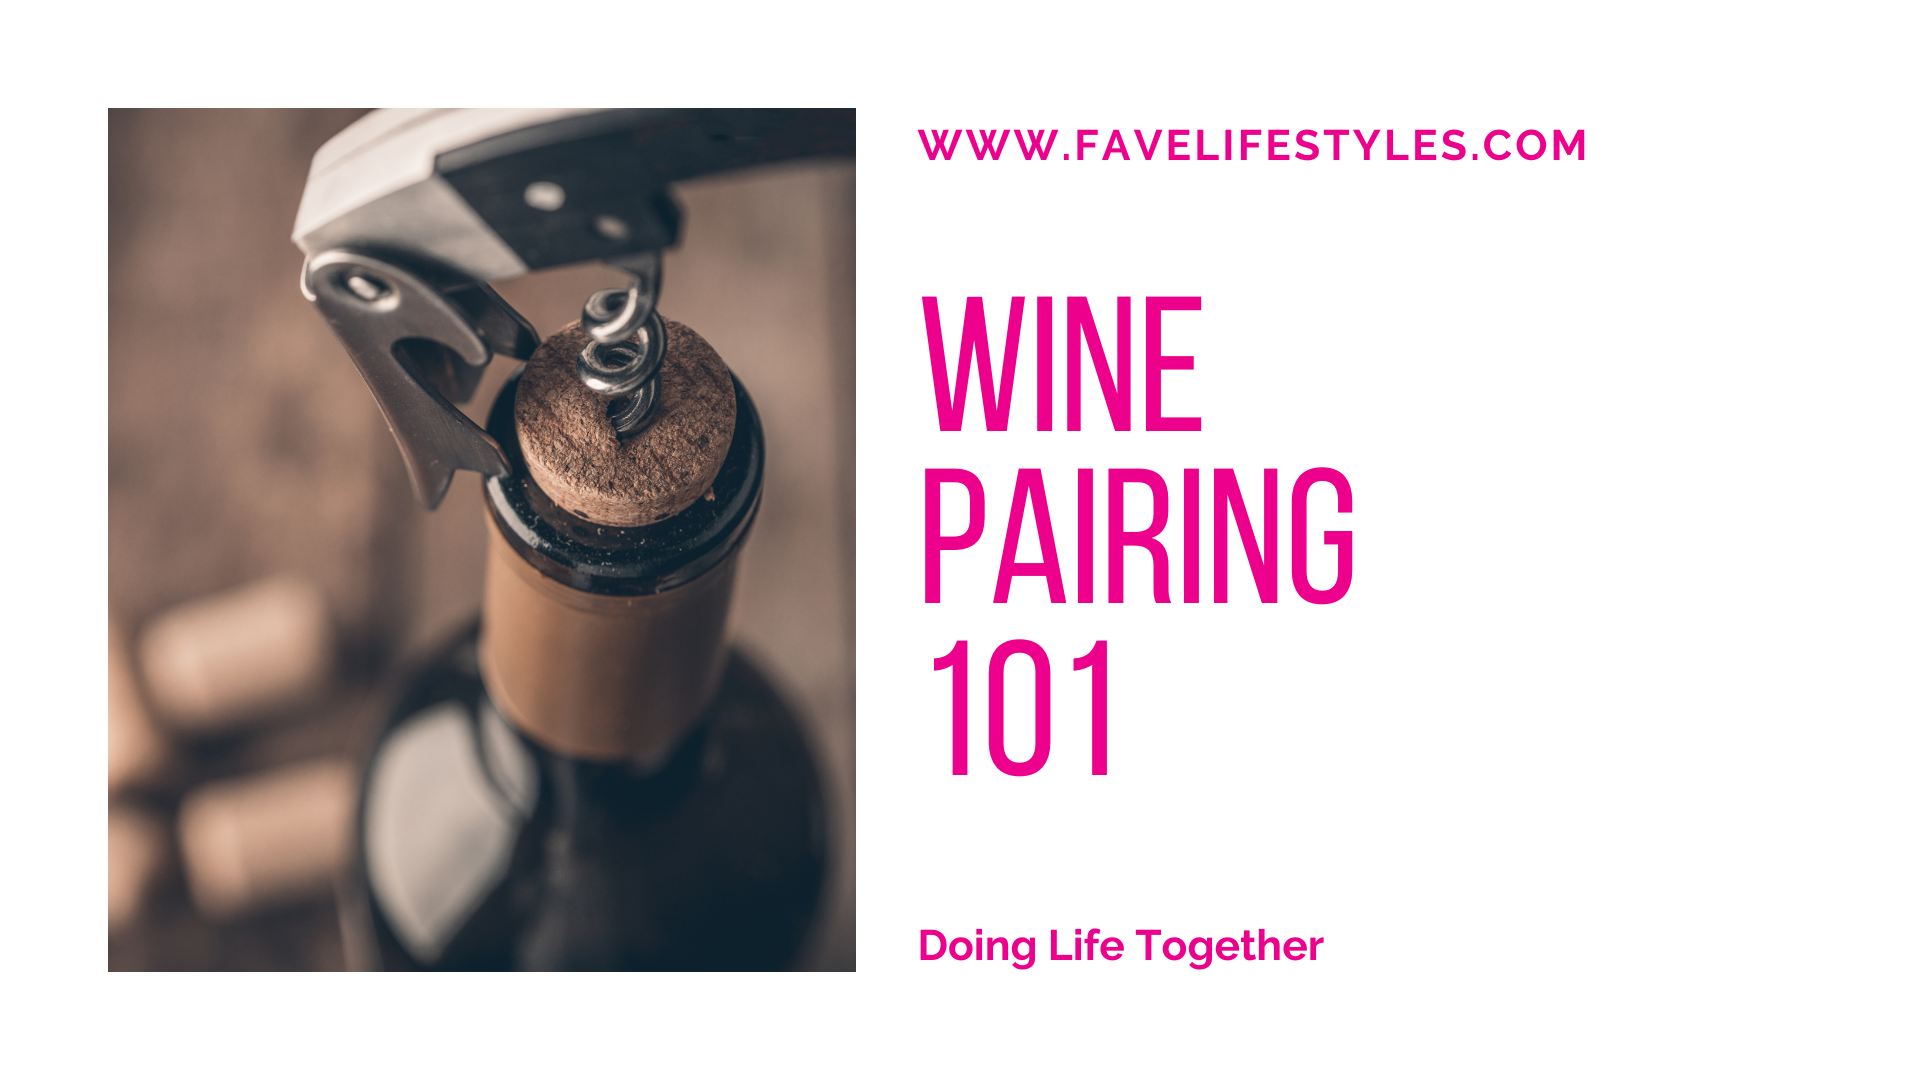 Wine Pairing 101